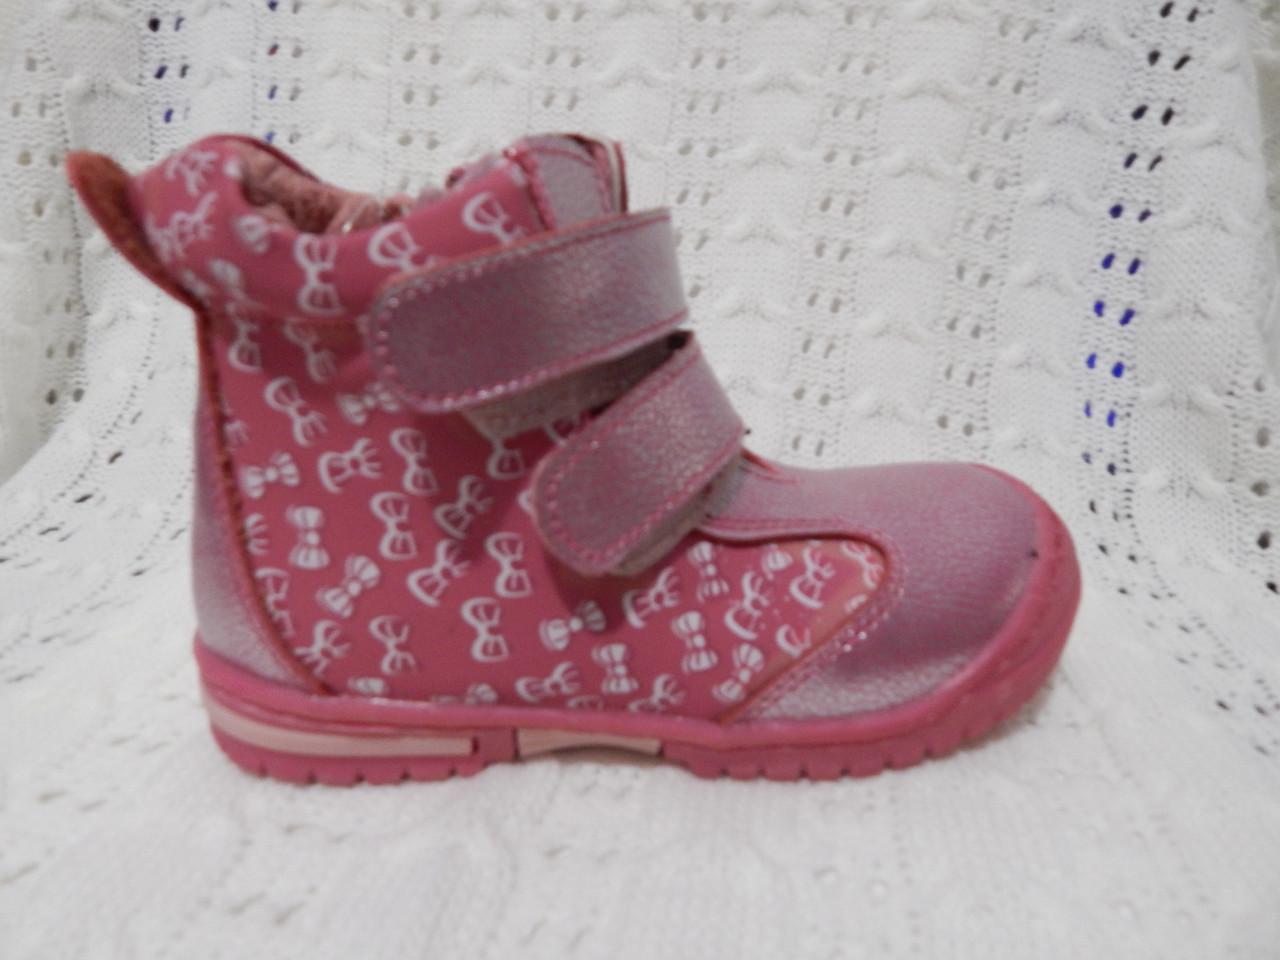 ДЕМИСЕЗОННЫЕ ботиночки детские для девочки ТМ Шалунишка